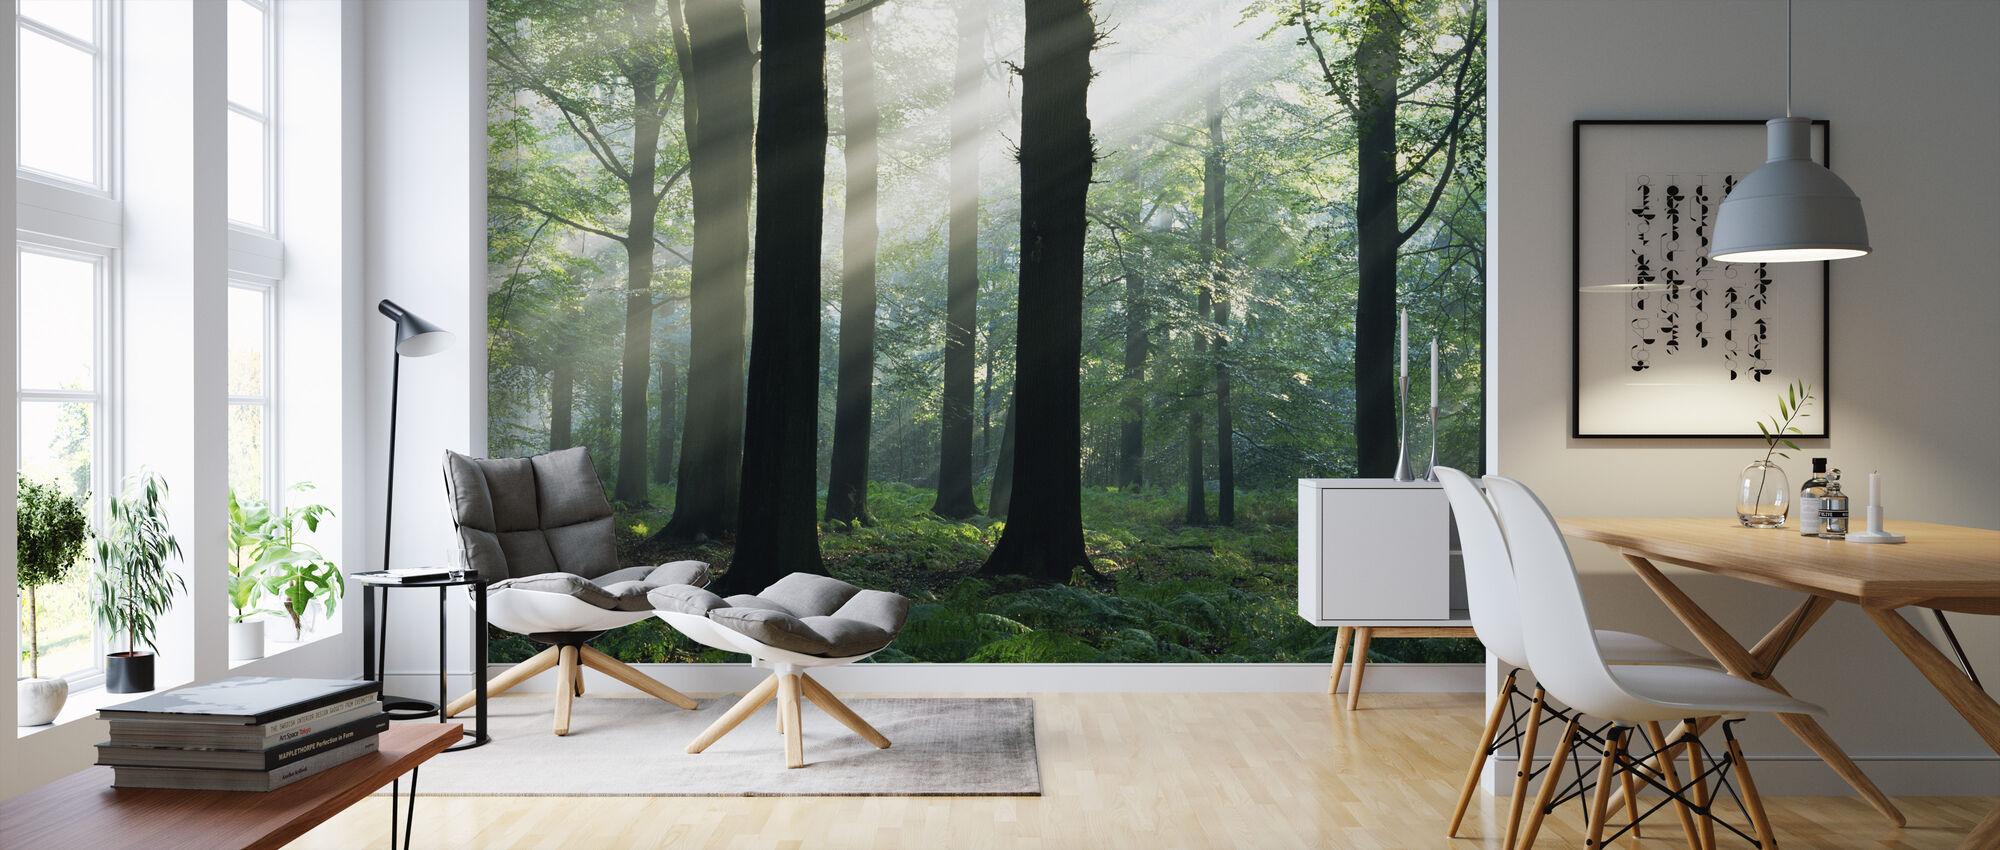 Morning Sunshine - Wallpaper - Living Room